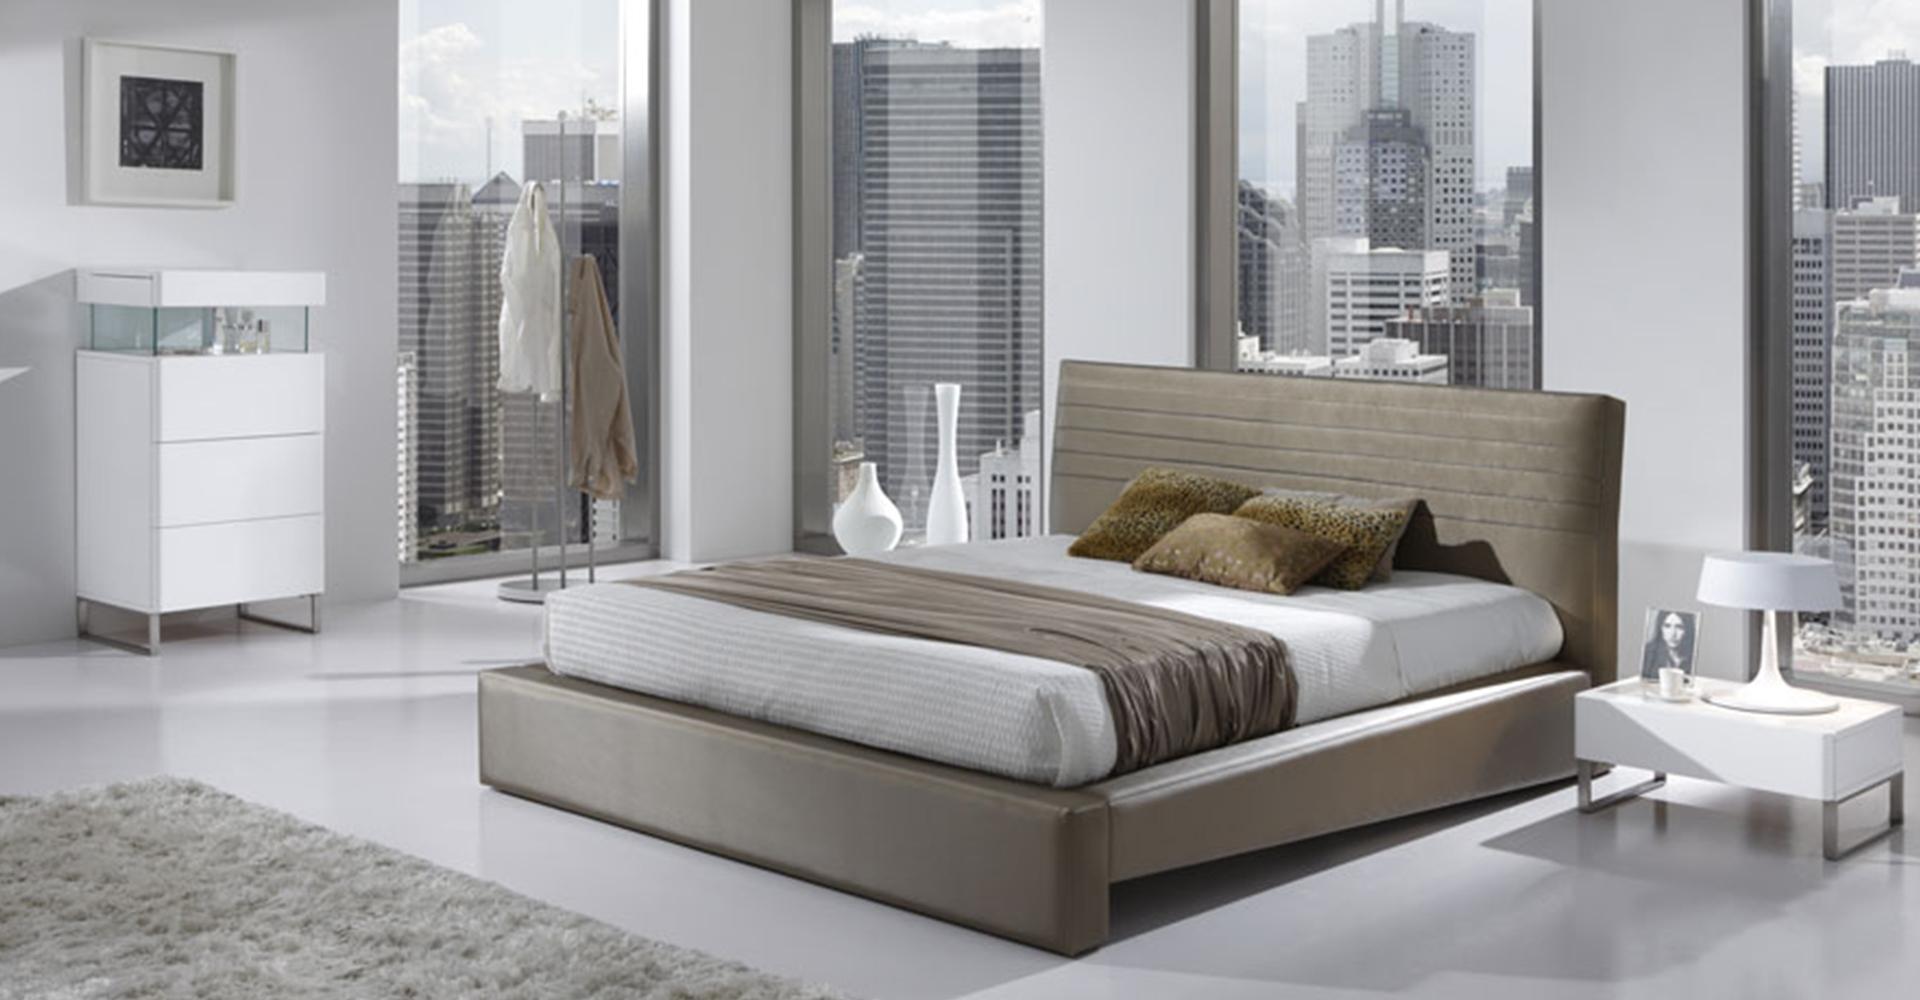 Dormitorio de Matrimonio Moderno (7)